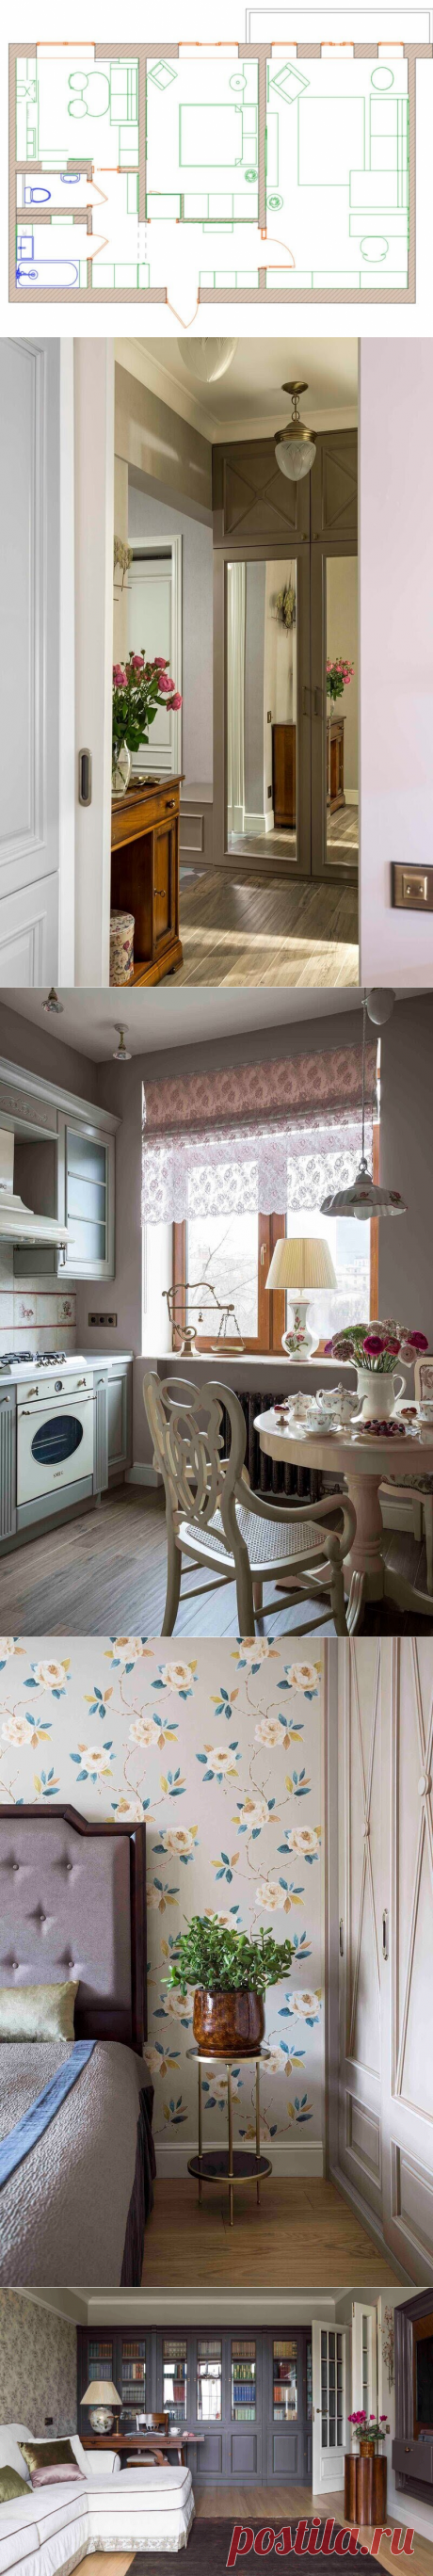 Квартира как в журнале. Ремонт, который понравится всем: двушка 60 м² в стиле неоклассики. Нет слов - один восторг.   El Design   Яндекс Дзен